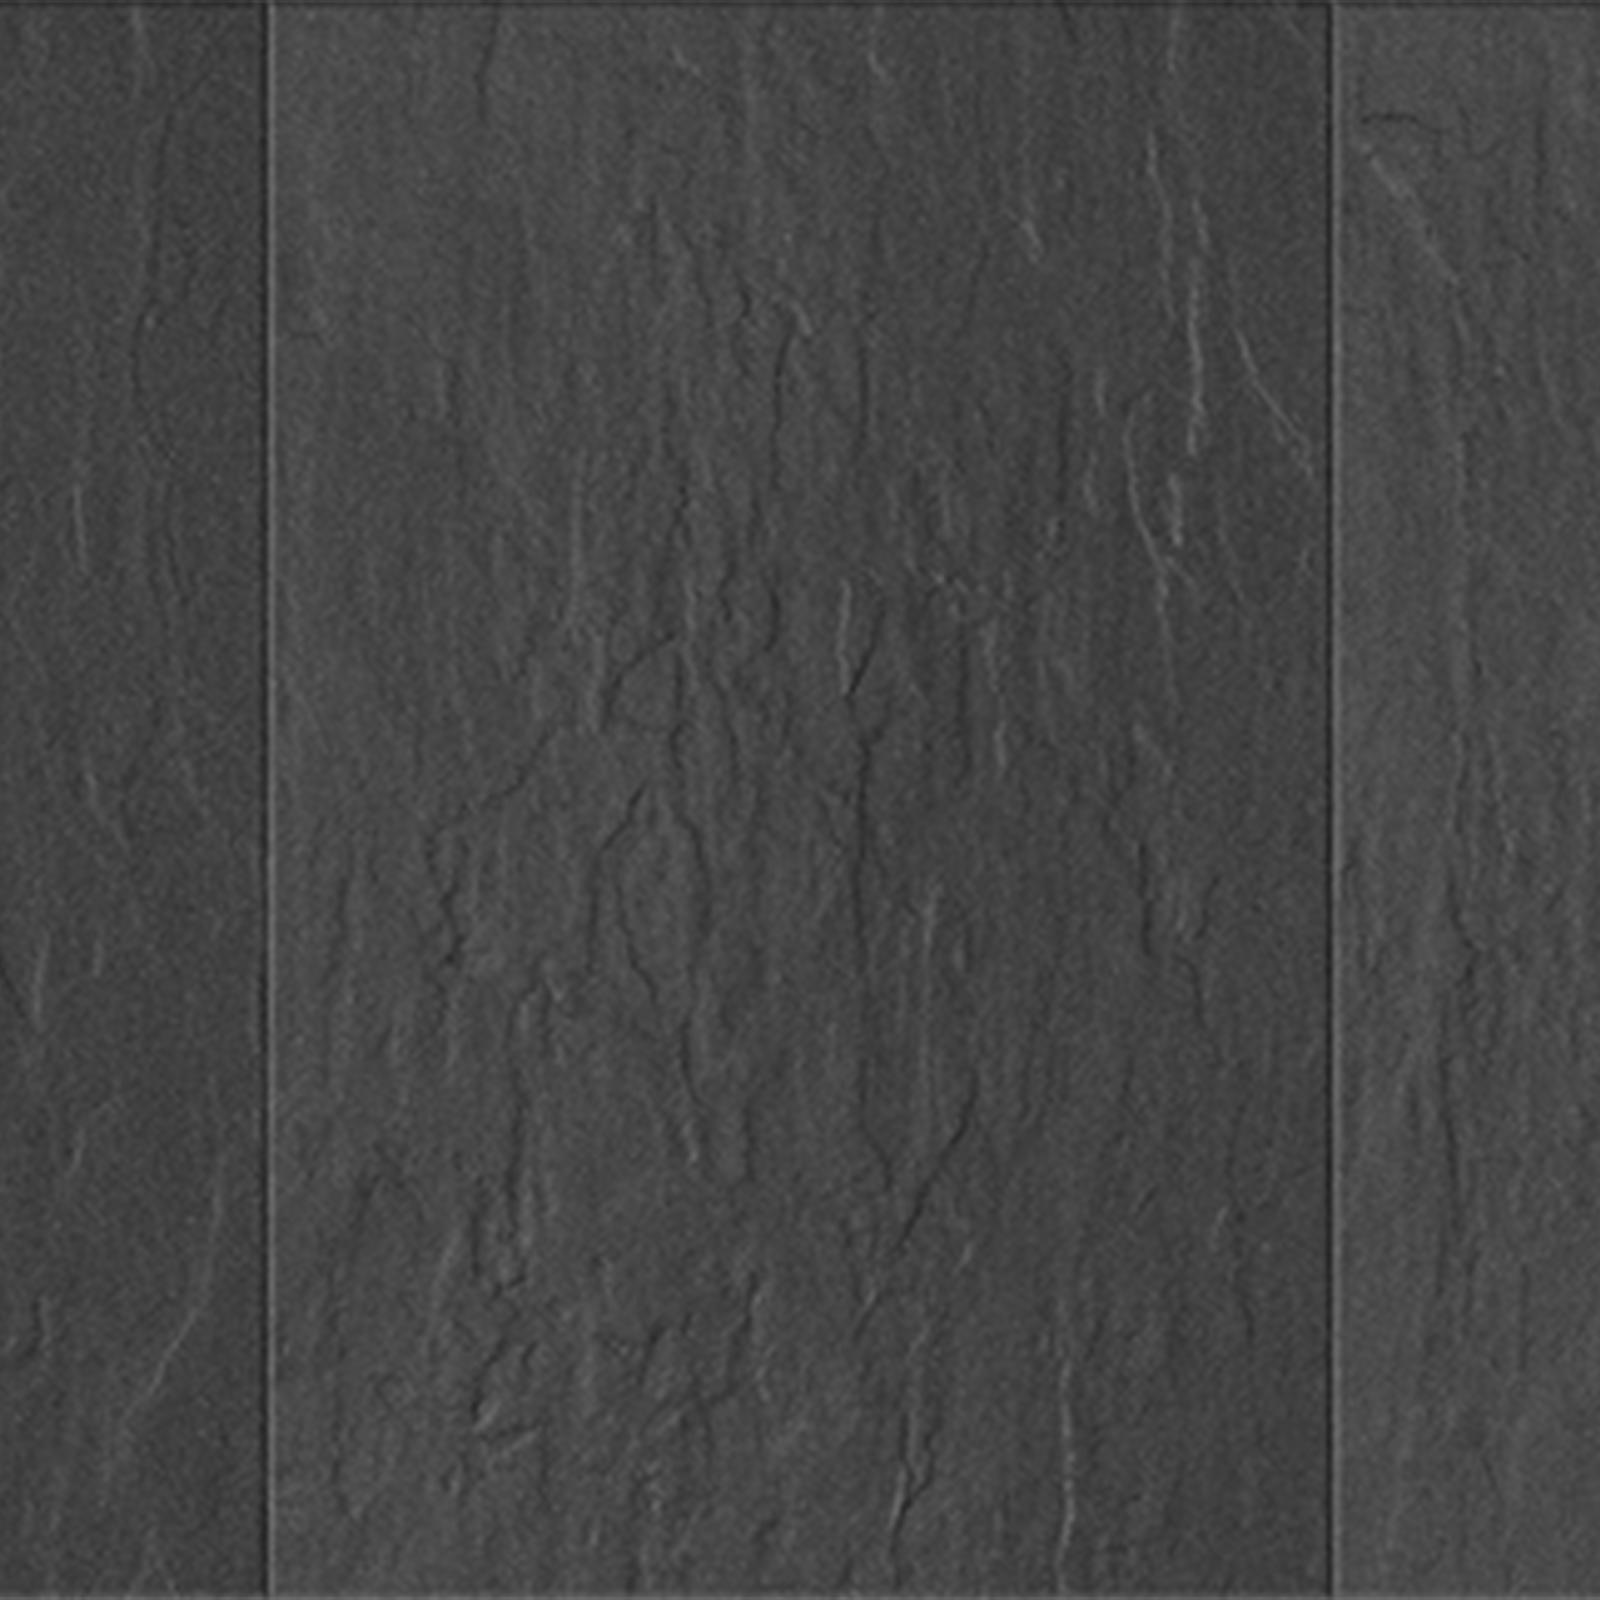 Fabulous Klick Laminat Laminatboden Fliese Bodenbelag Fliesenoptik Fuge UT07